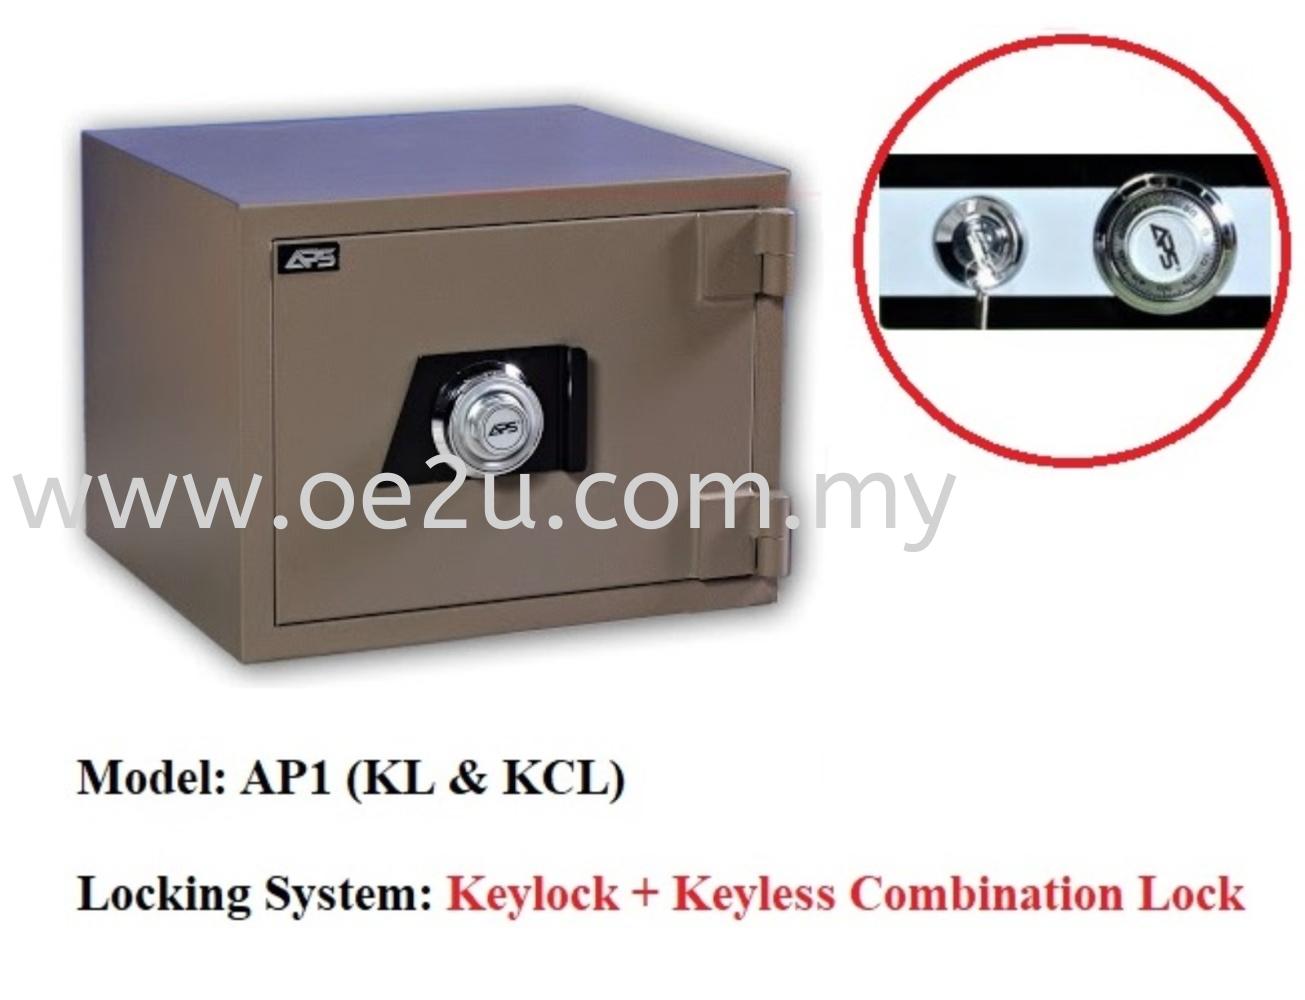 APS Personal Safe (AP1 - KL & KCL)_80kg